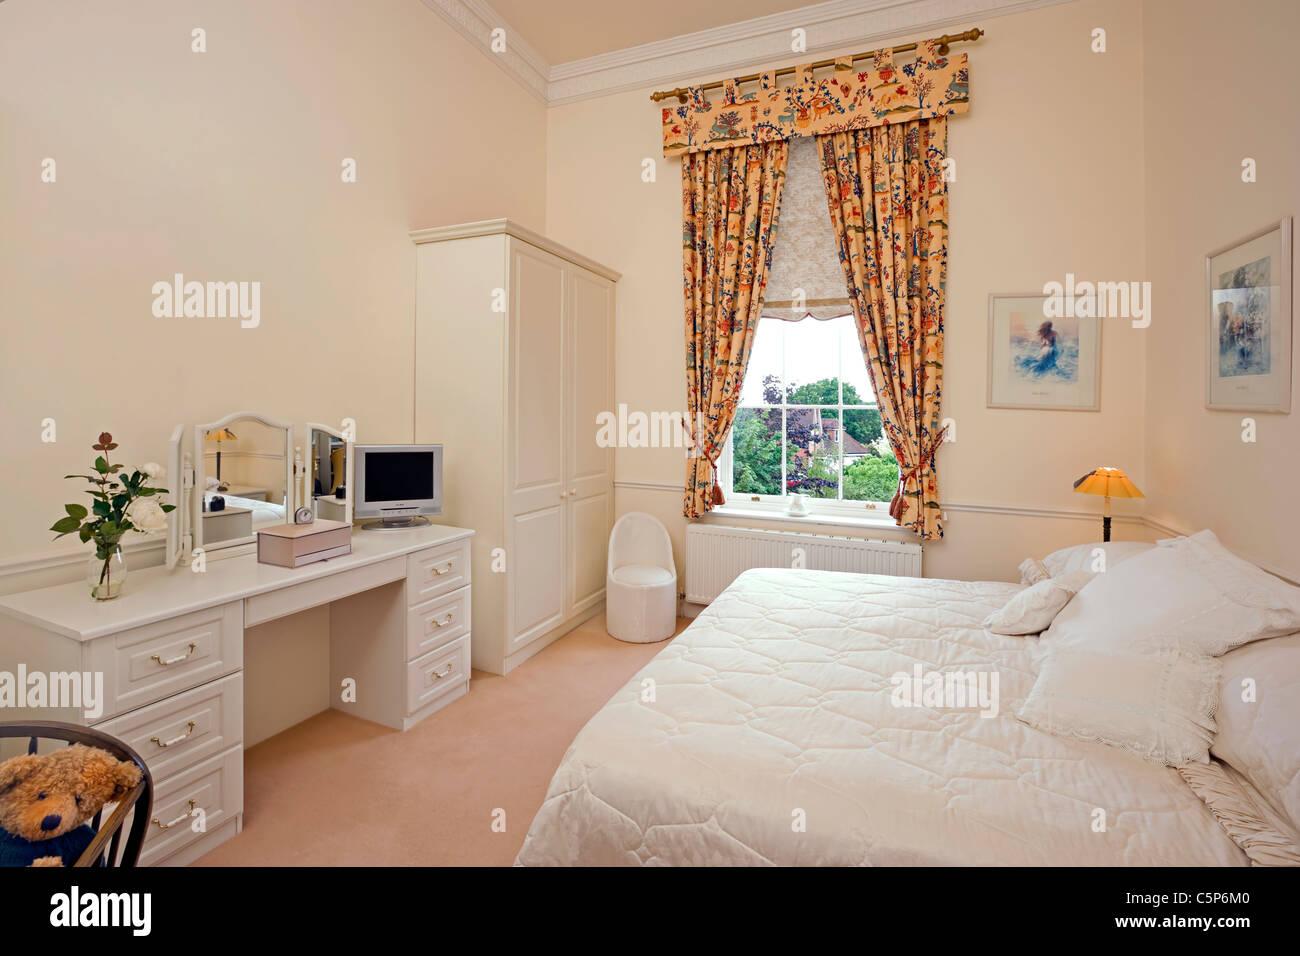 Interior de un dormitorio tradicional inglés Imagen De Stock